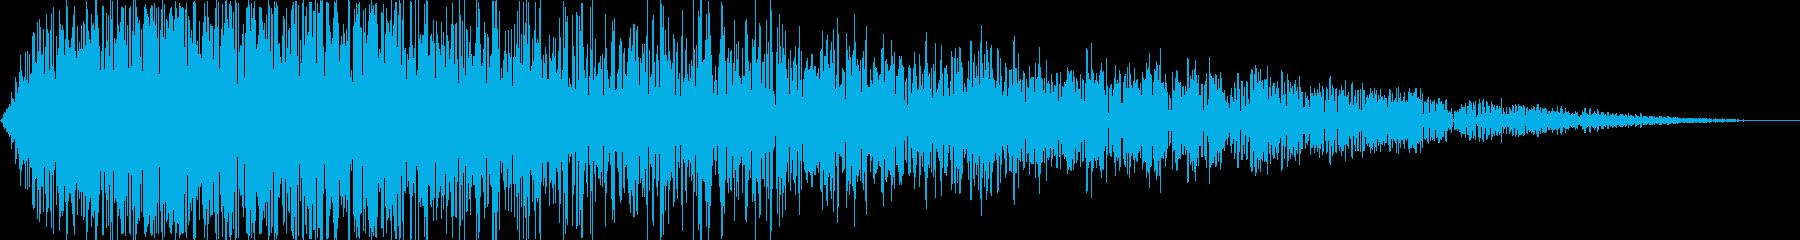 ボカーン(爆発 火炎放射 しぼむ)の再生済みの波形